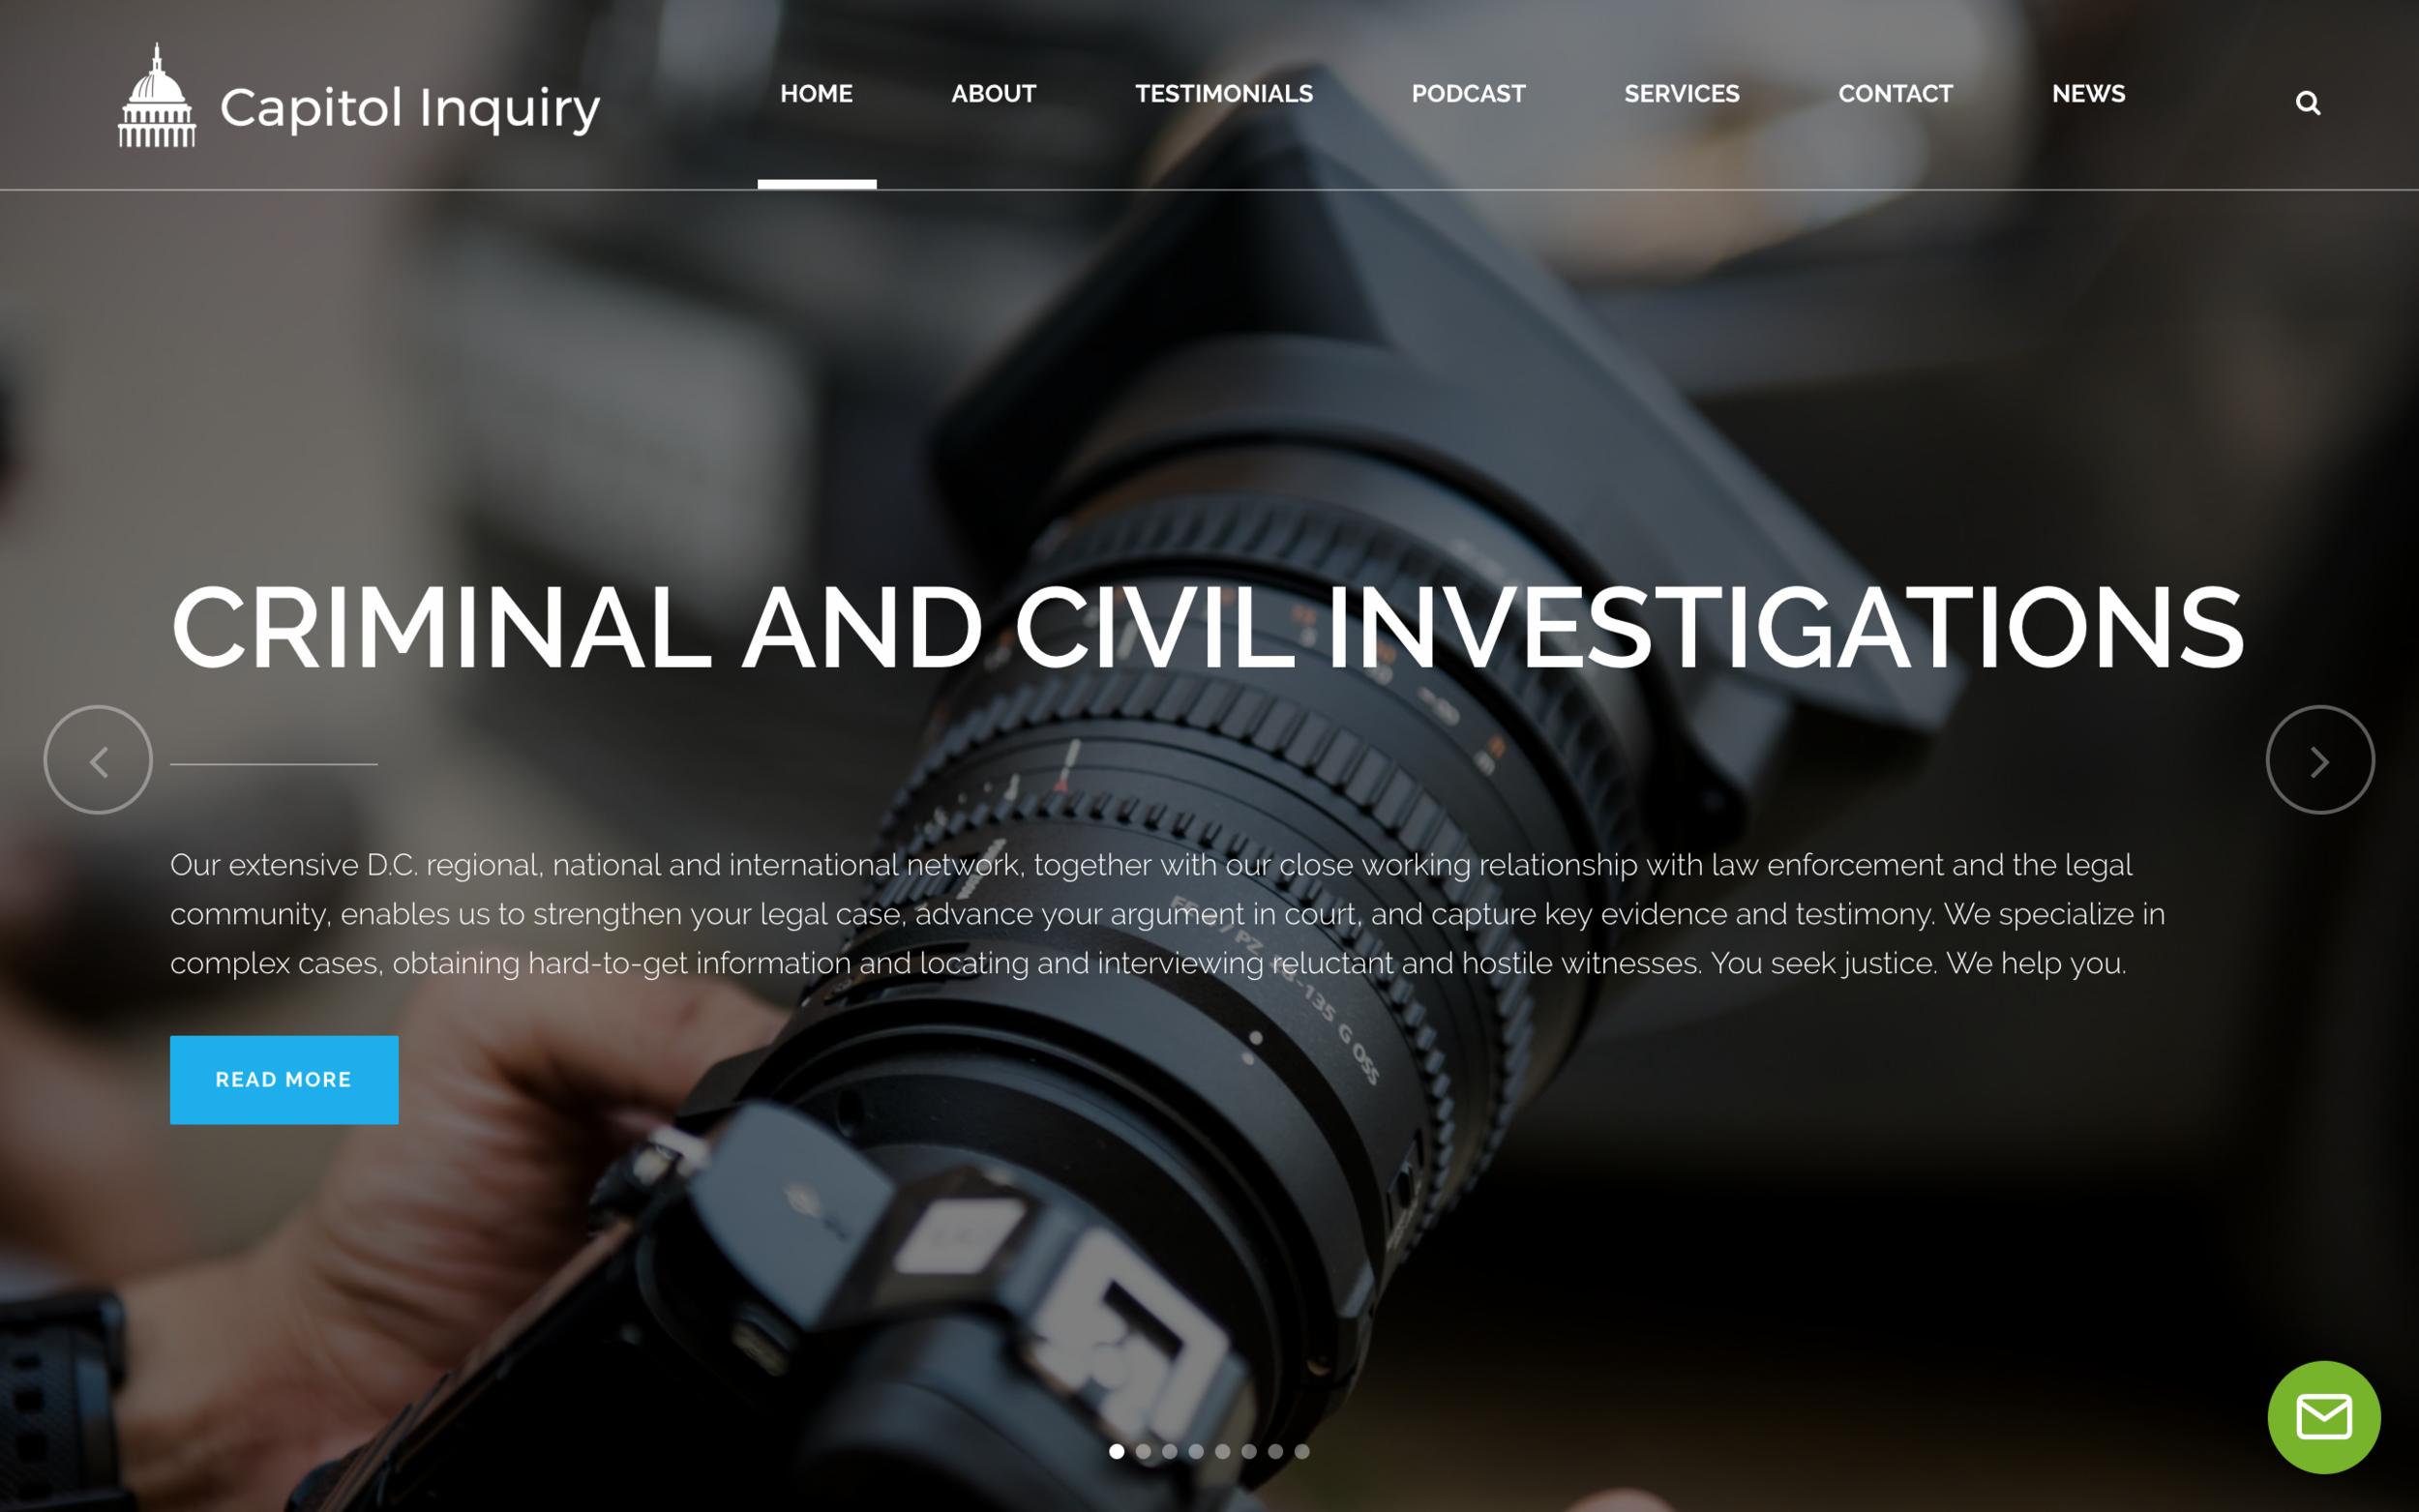 Capitol Inquiry